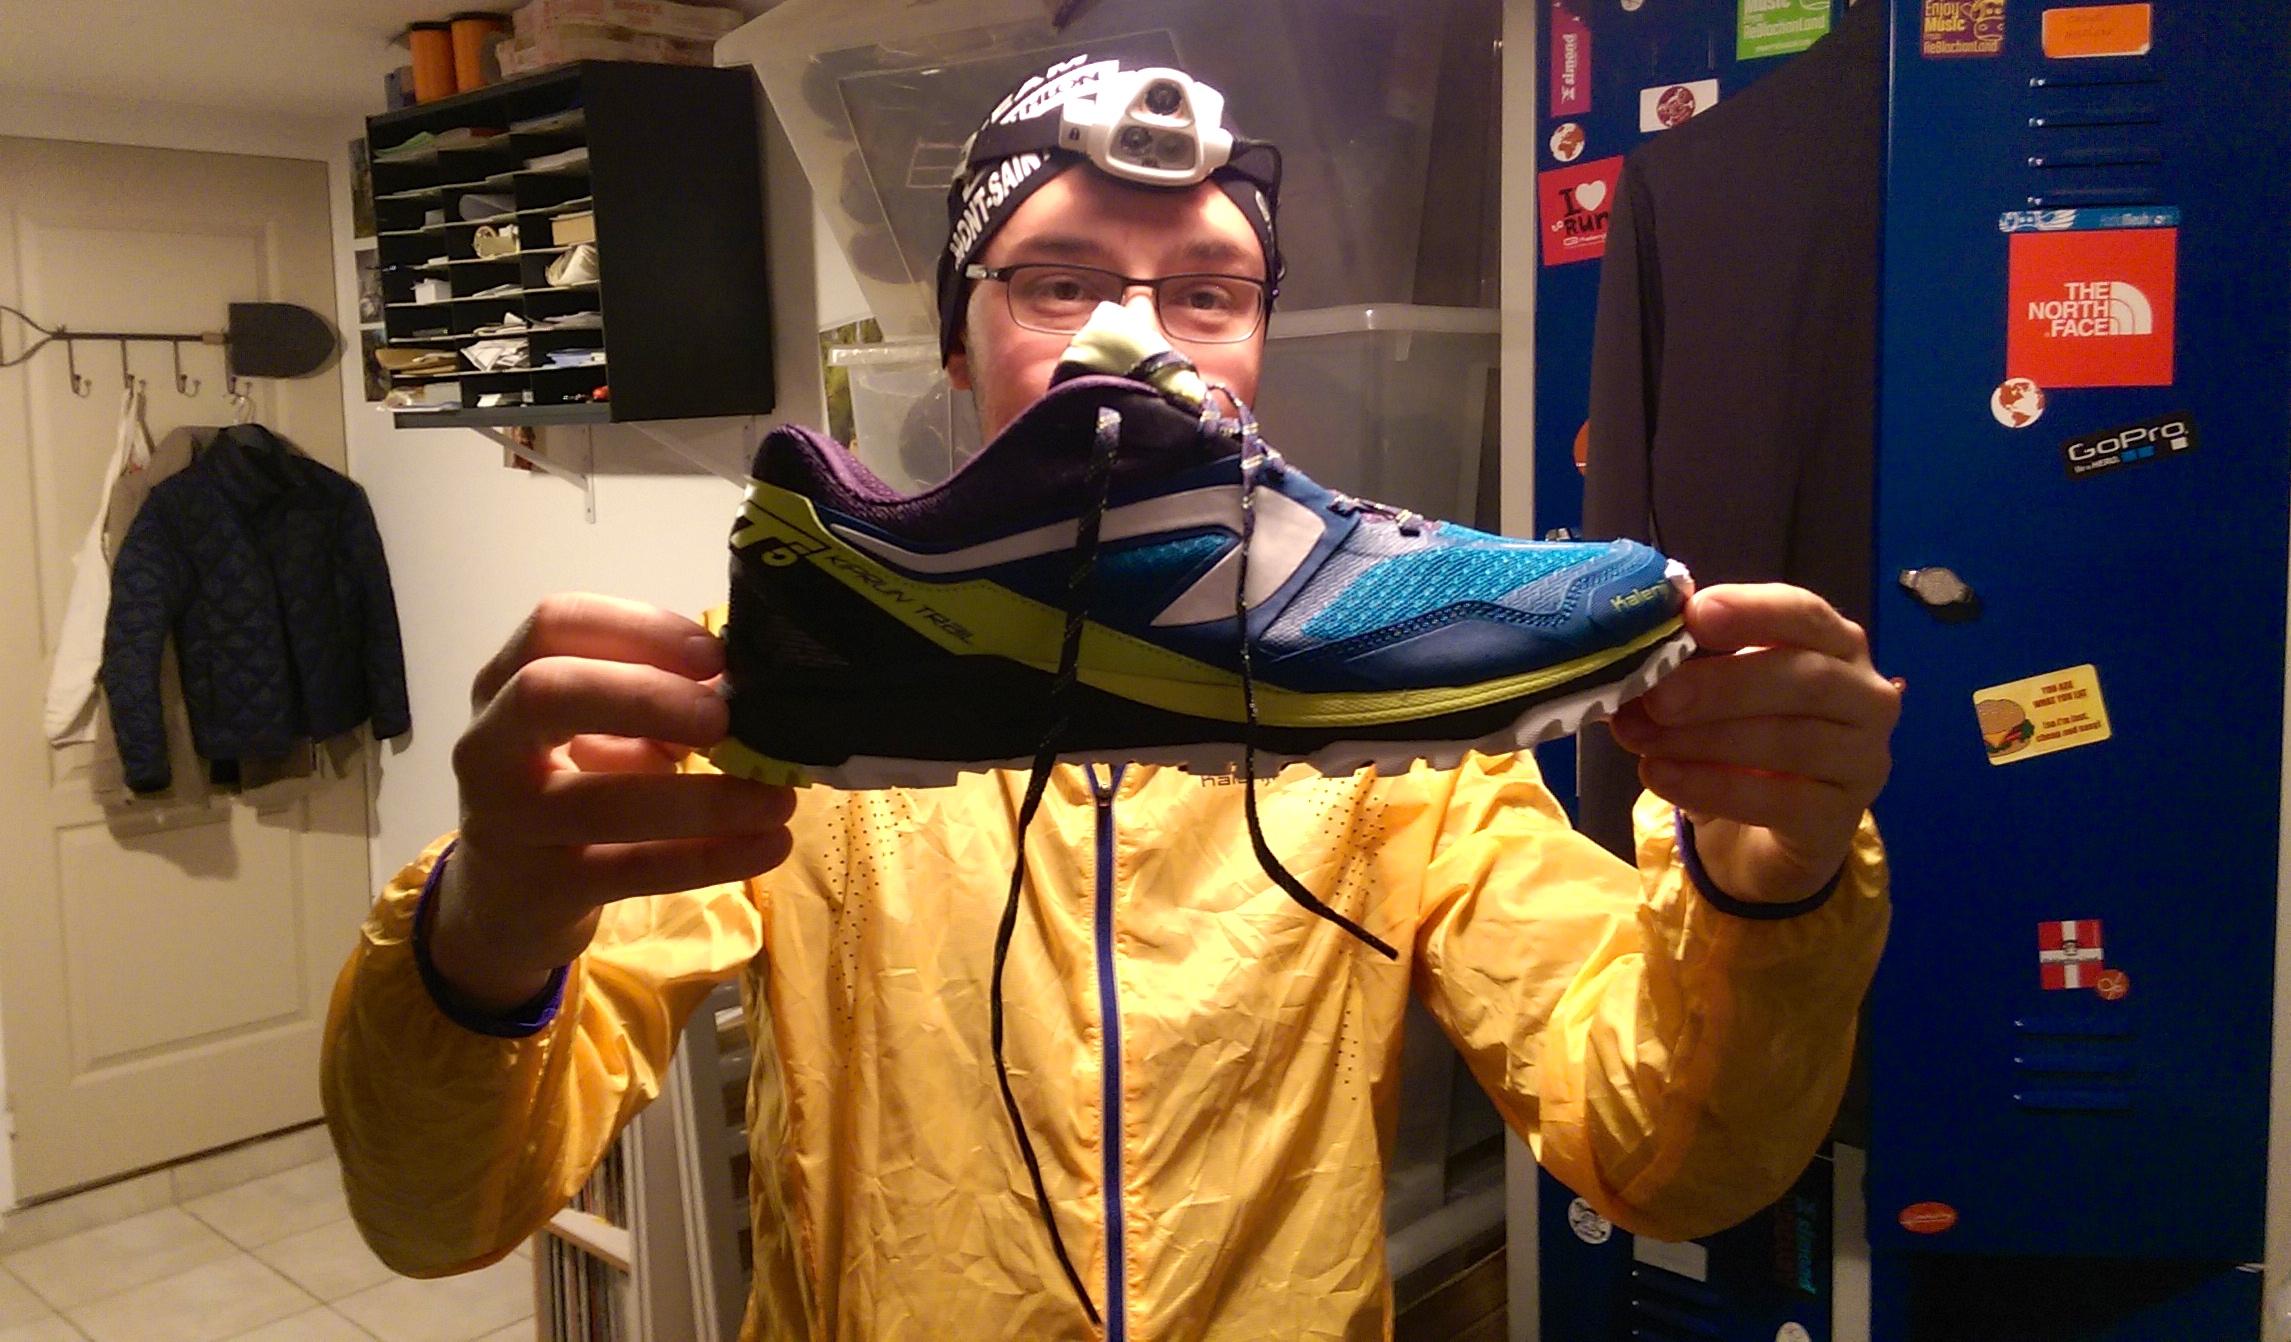 Test de la chaussures trail XT (Décathlon)